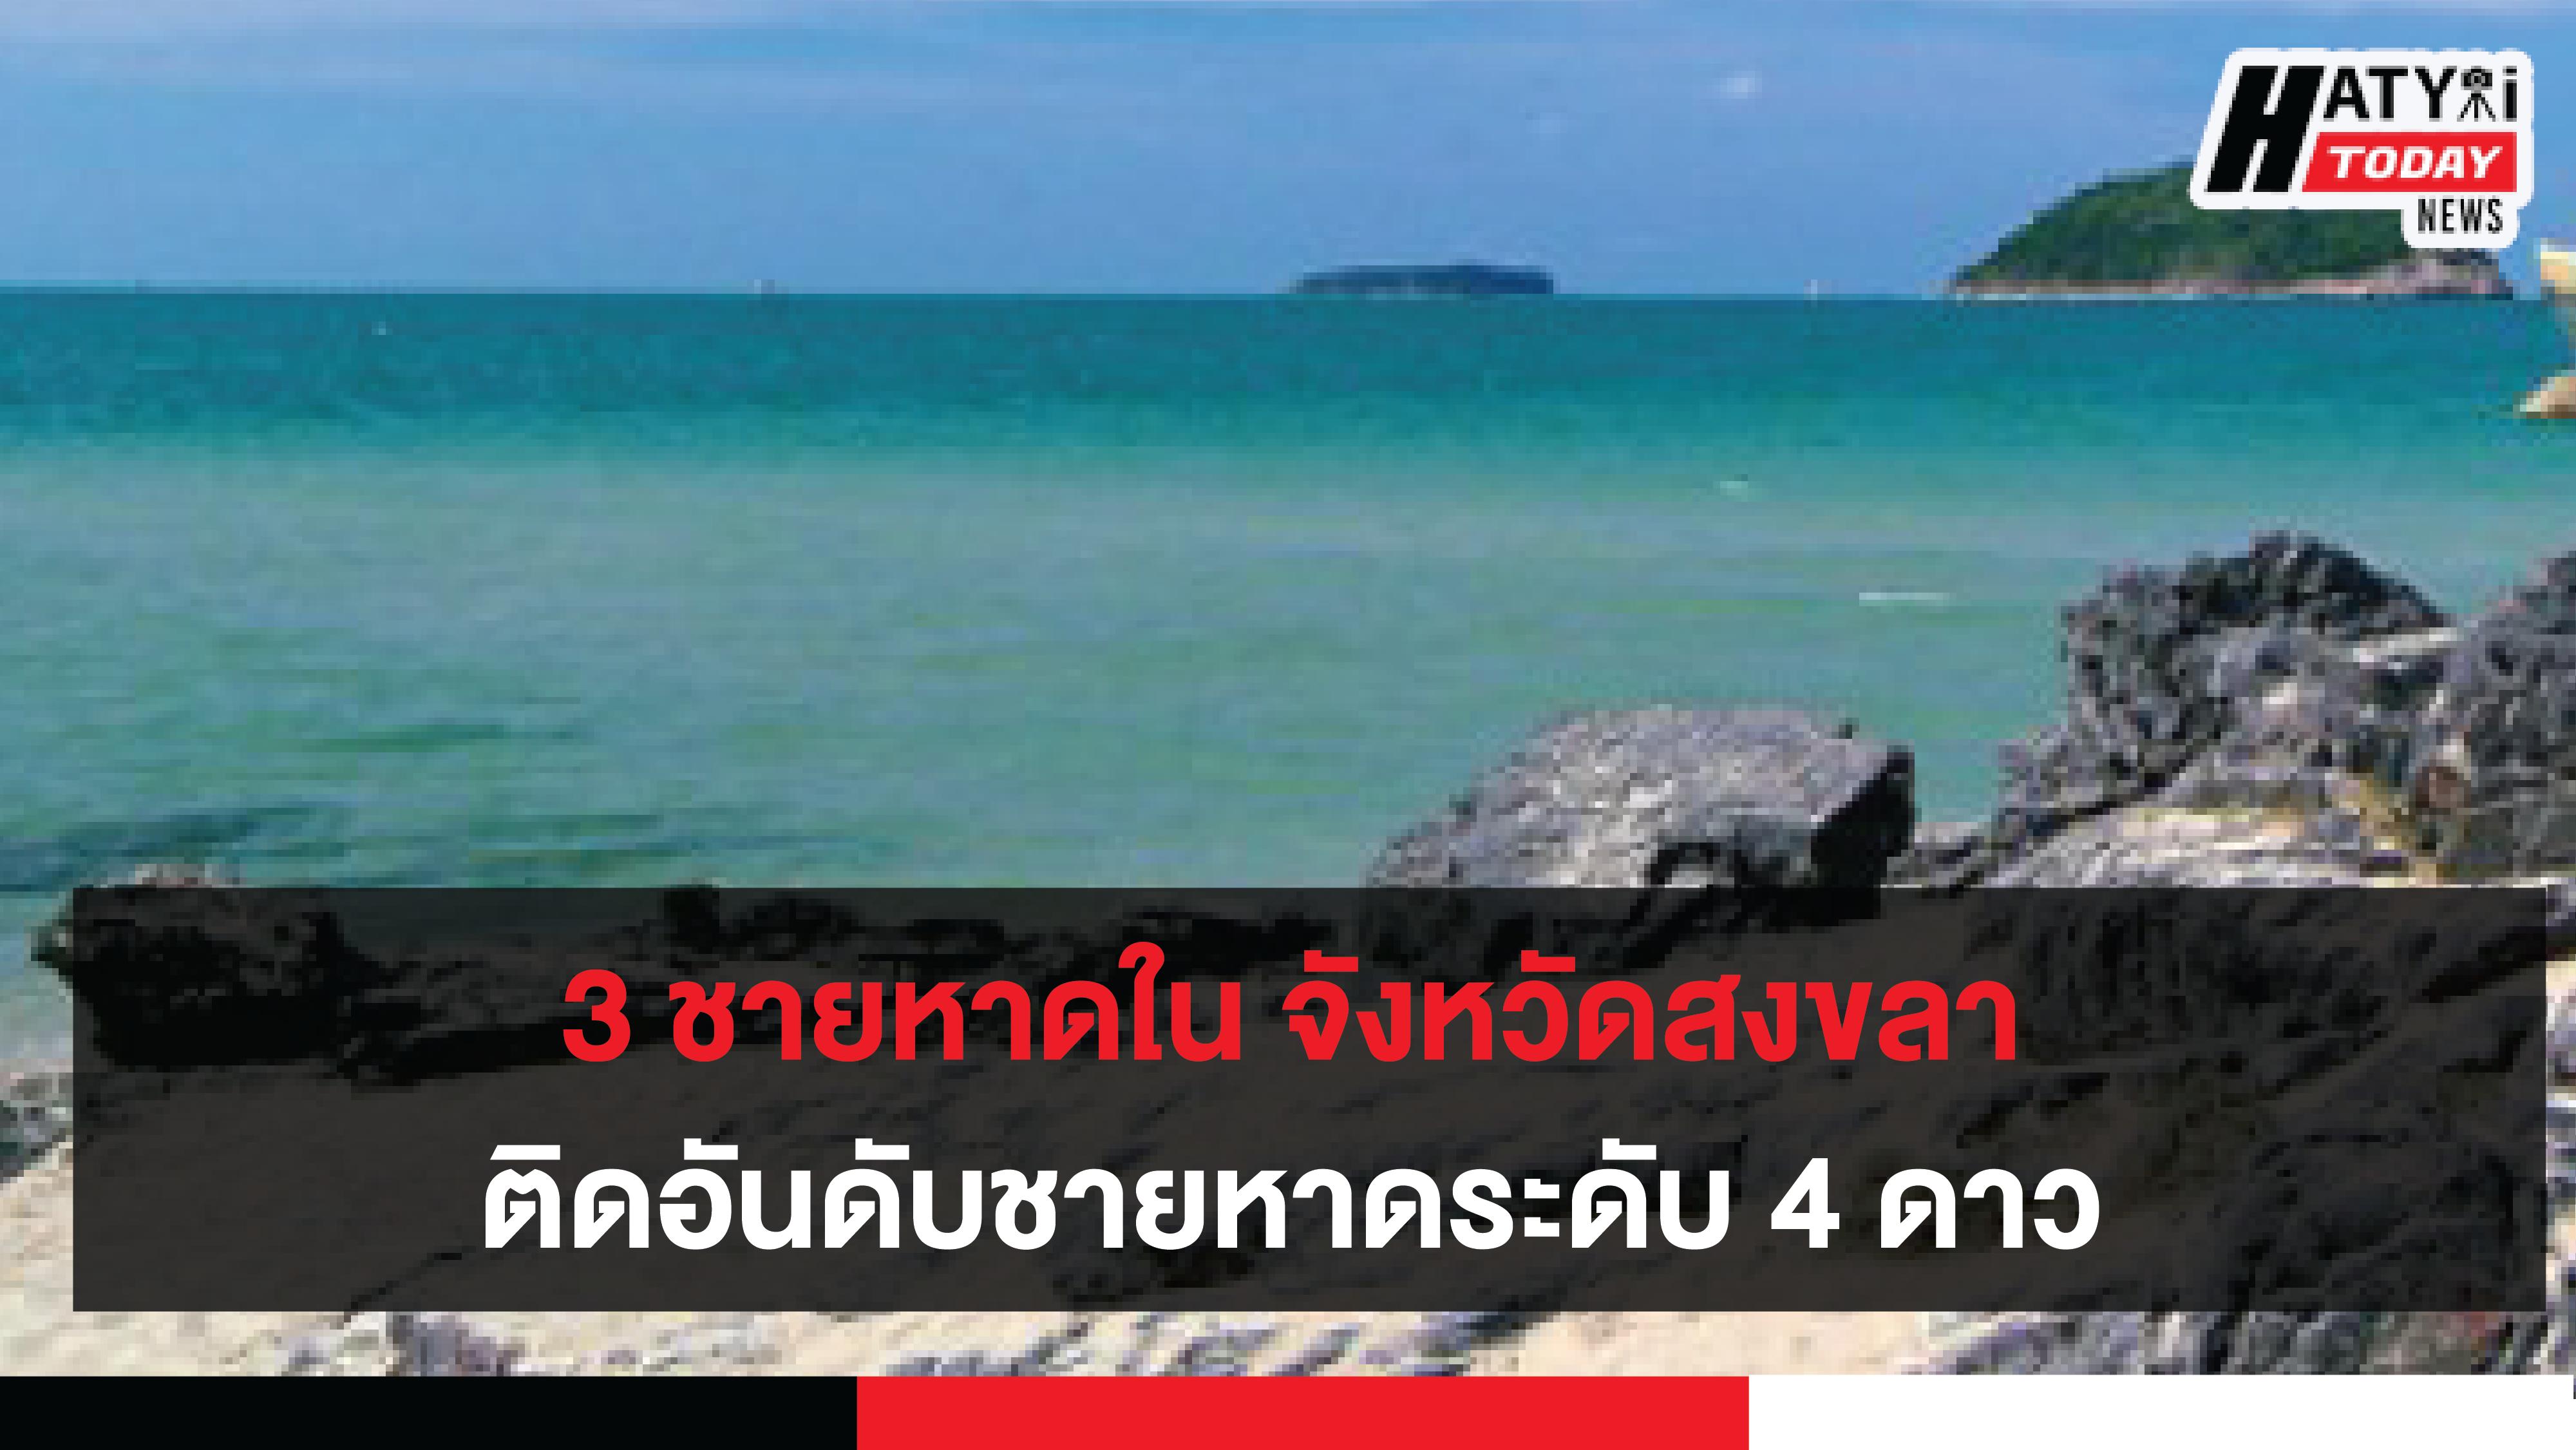 3 ชายหาดในจ.สงขลา ติดอันดับชายหาดระดับ 4 ดาว เป็นแหล่งท่องเที่ยวระดับมาตรฐานของจังหวัด